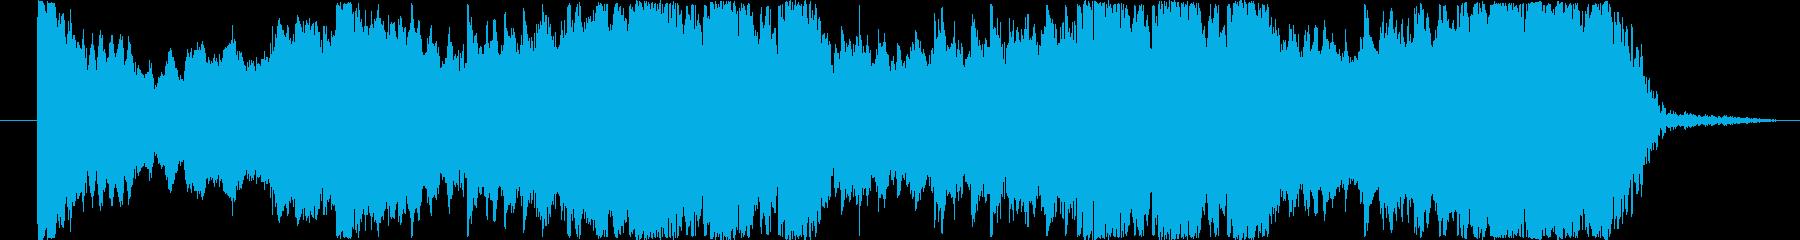 モダン 交響曲 室内楽 アンビエン...の再生済みの波形